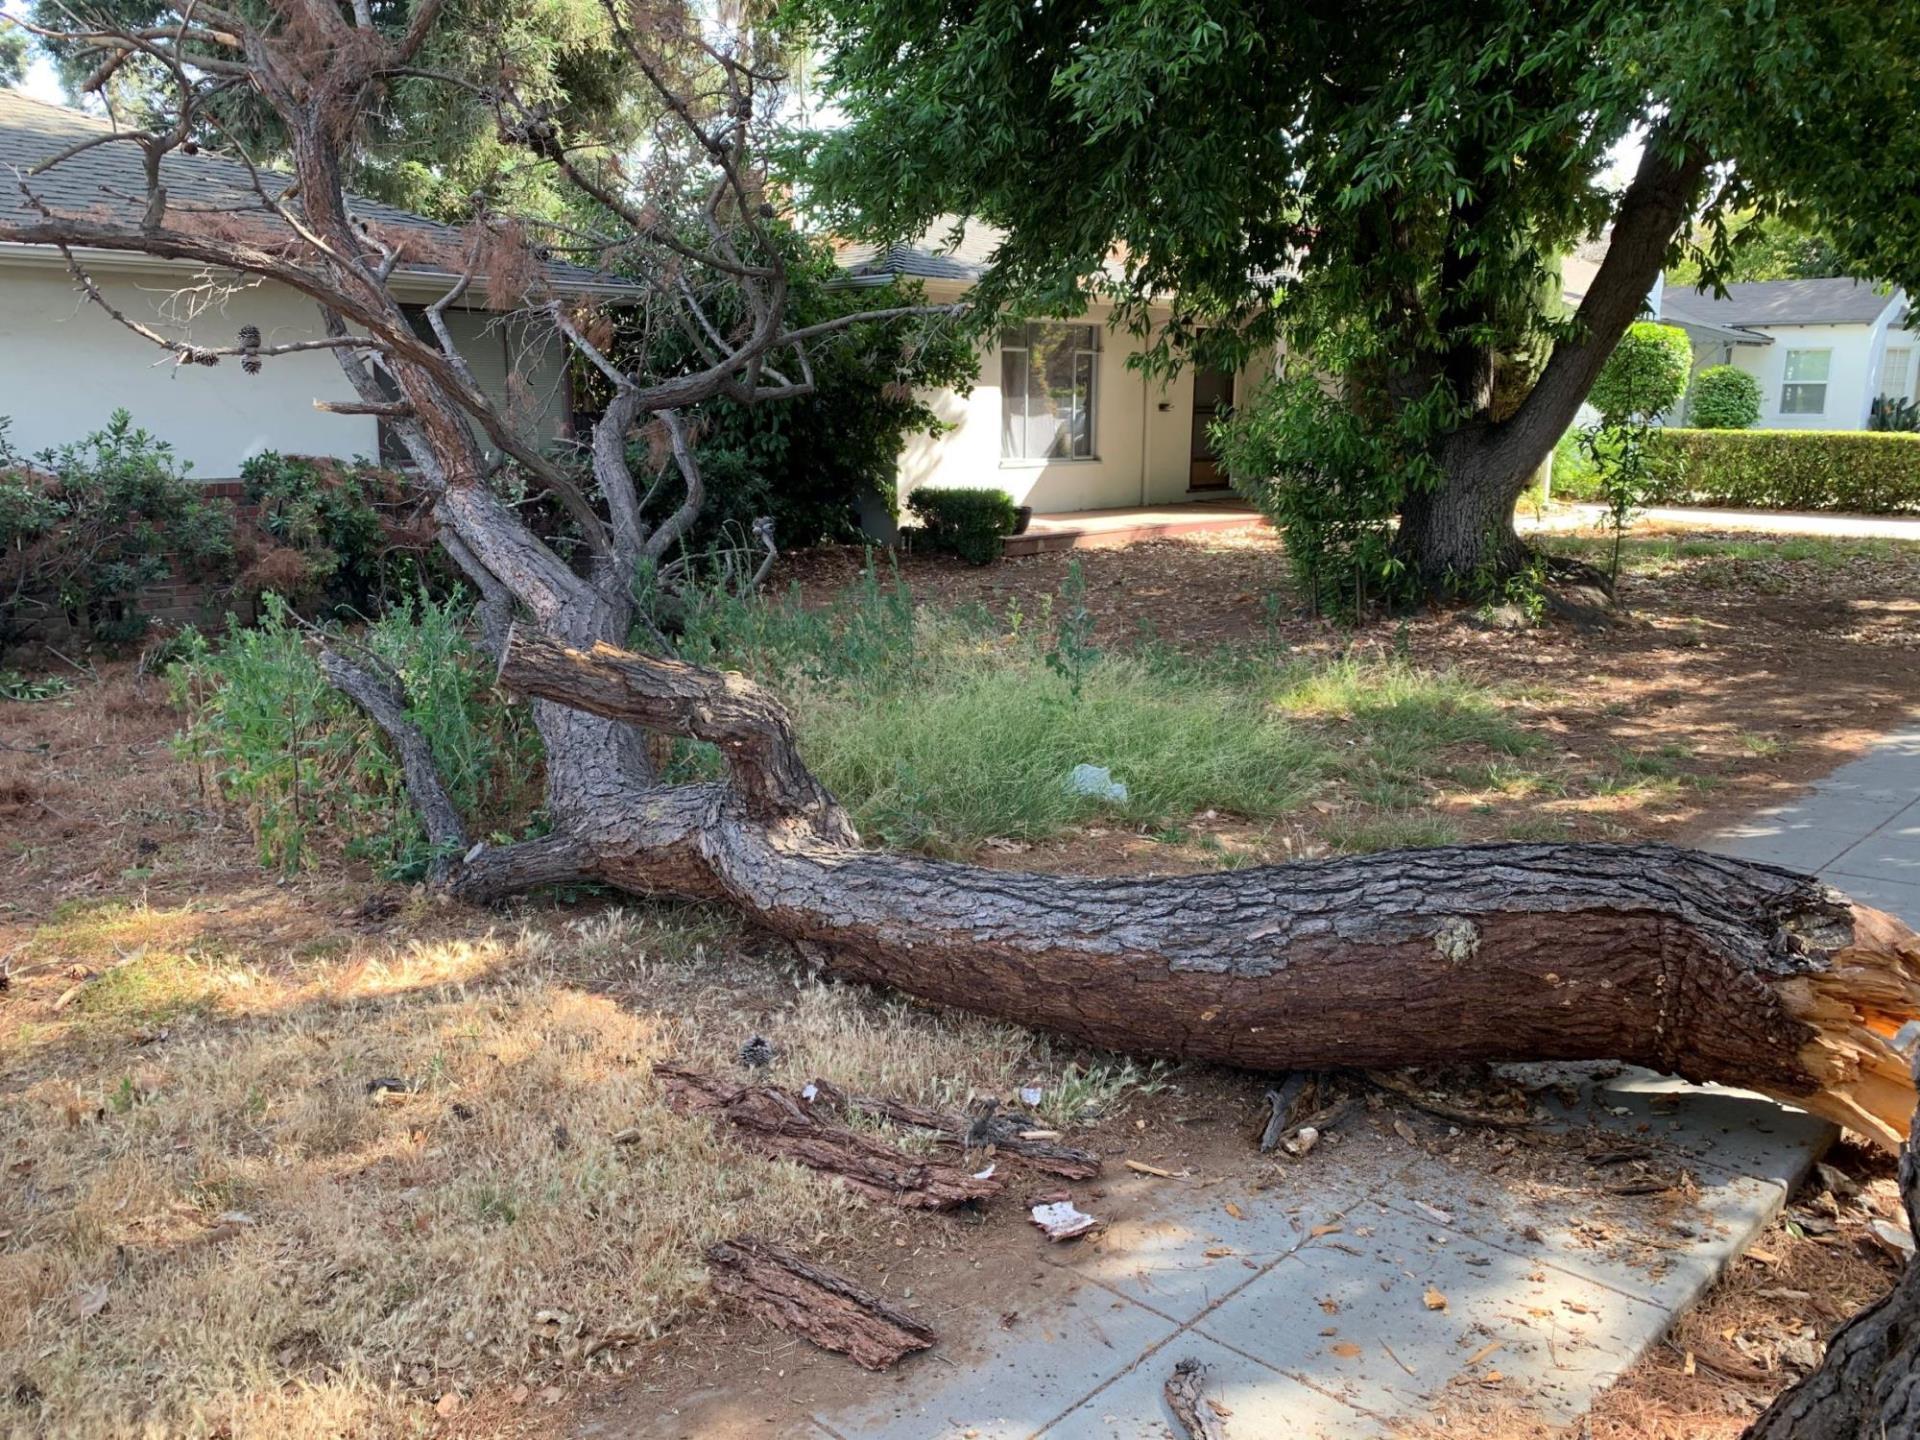 Un arbre tombé s'étendant sur le trottoir et la cour avant d'une maison